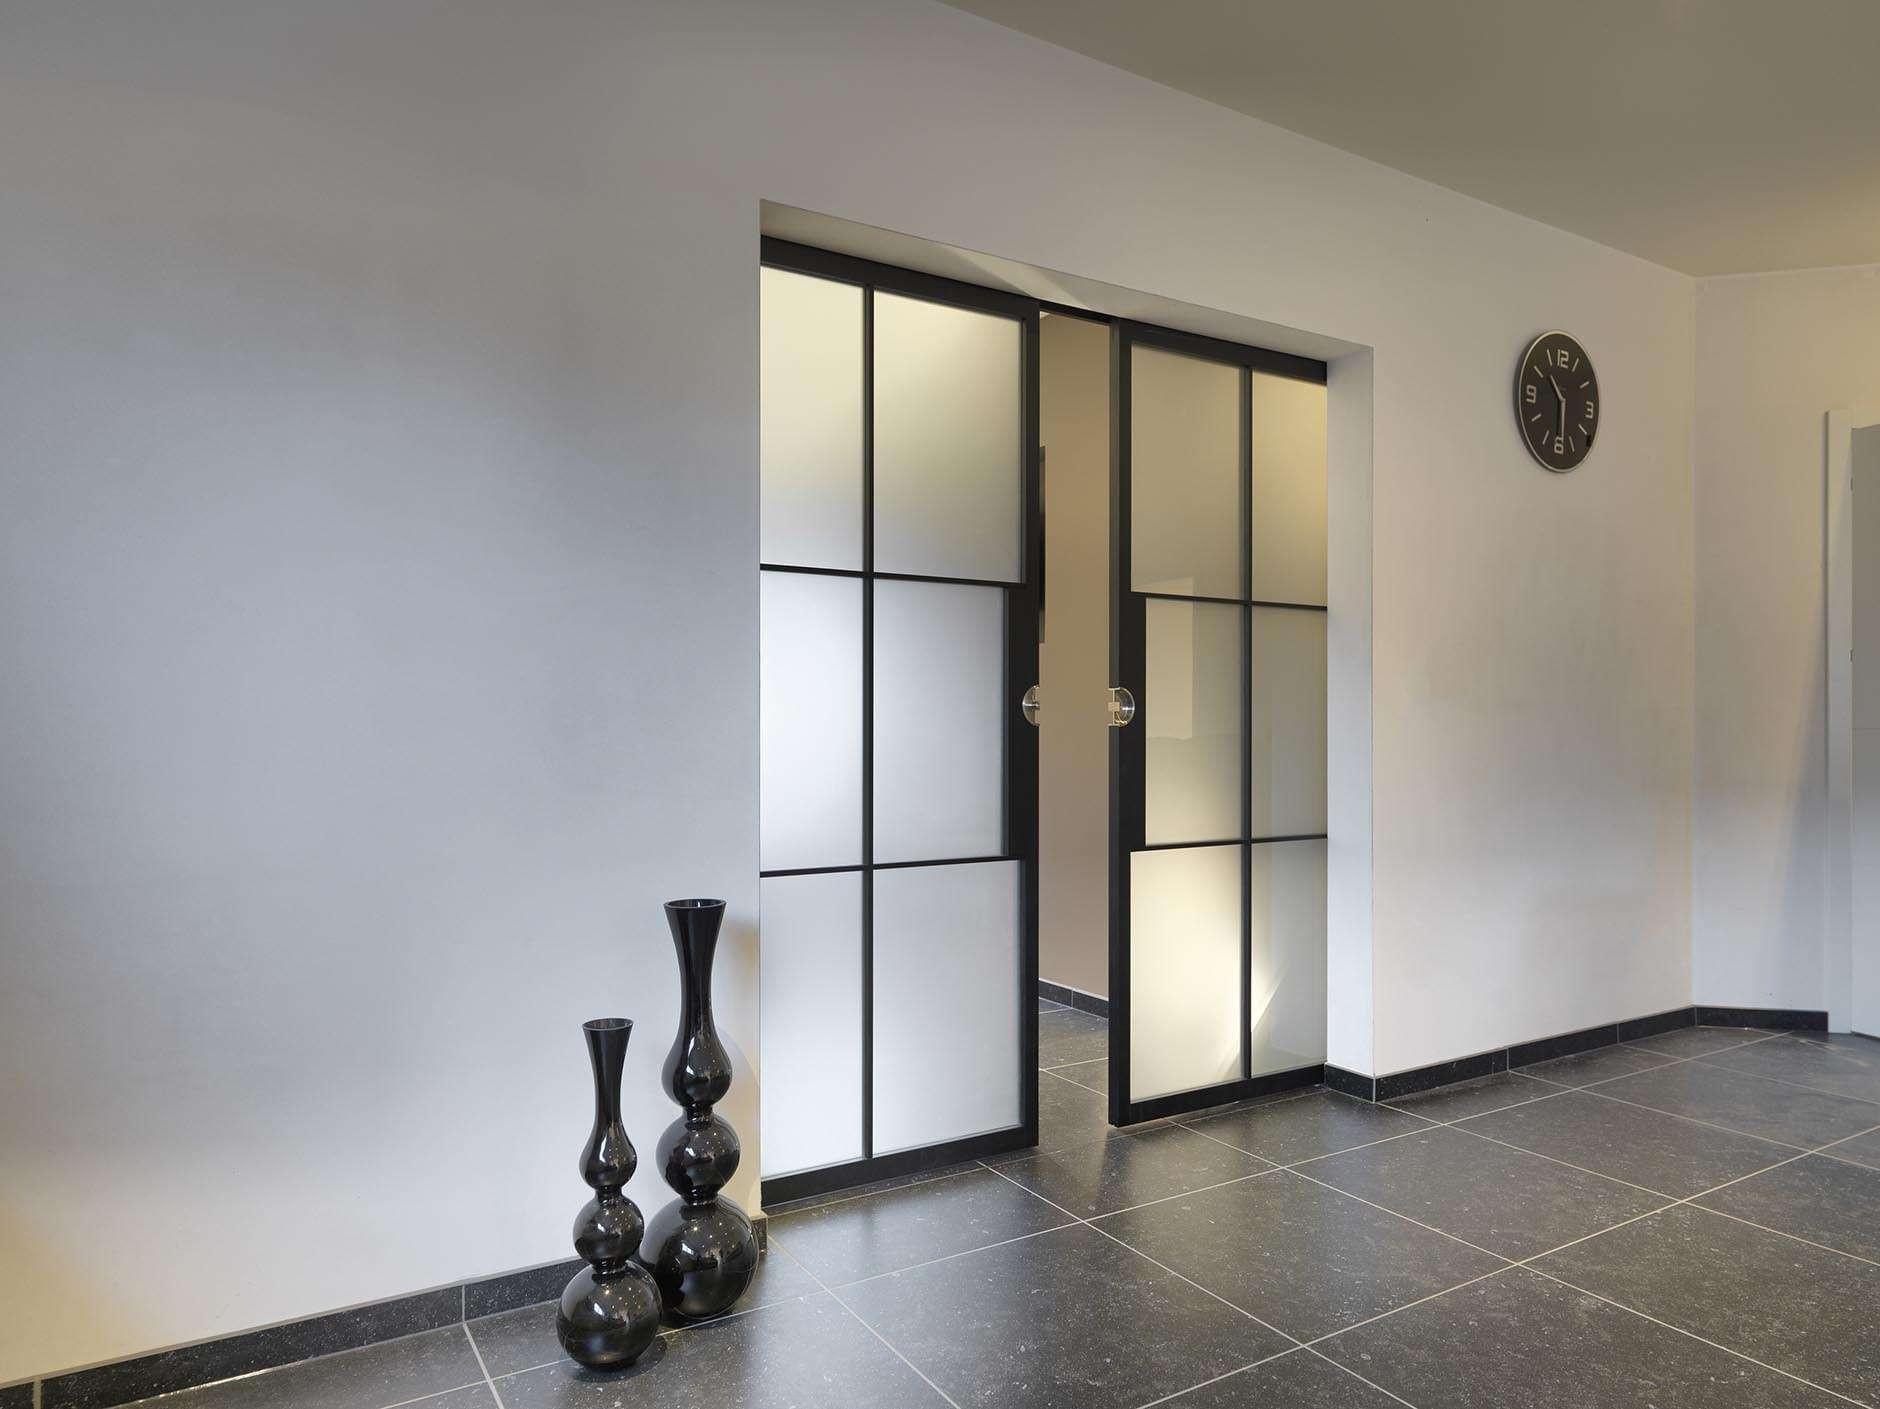 dubbele-deur-steellook-mat-glas